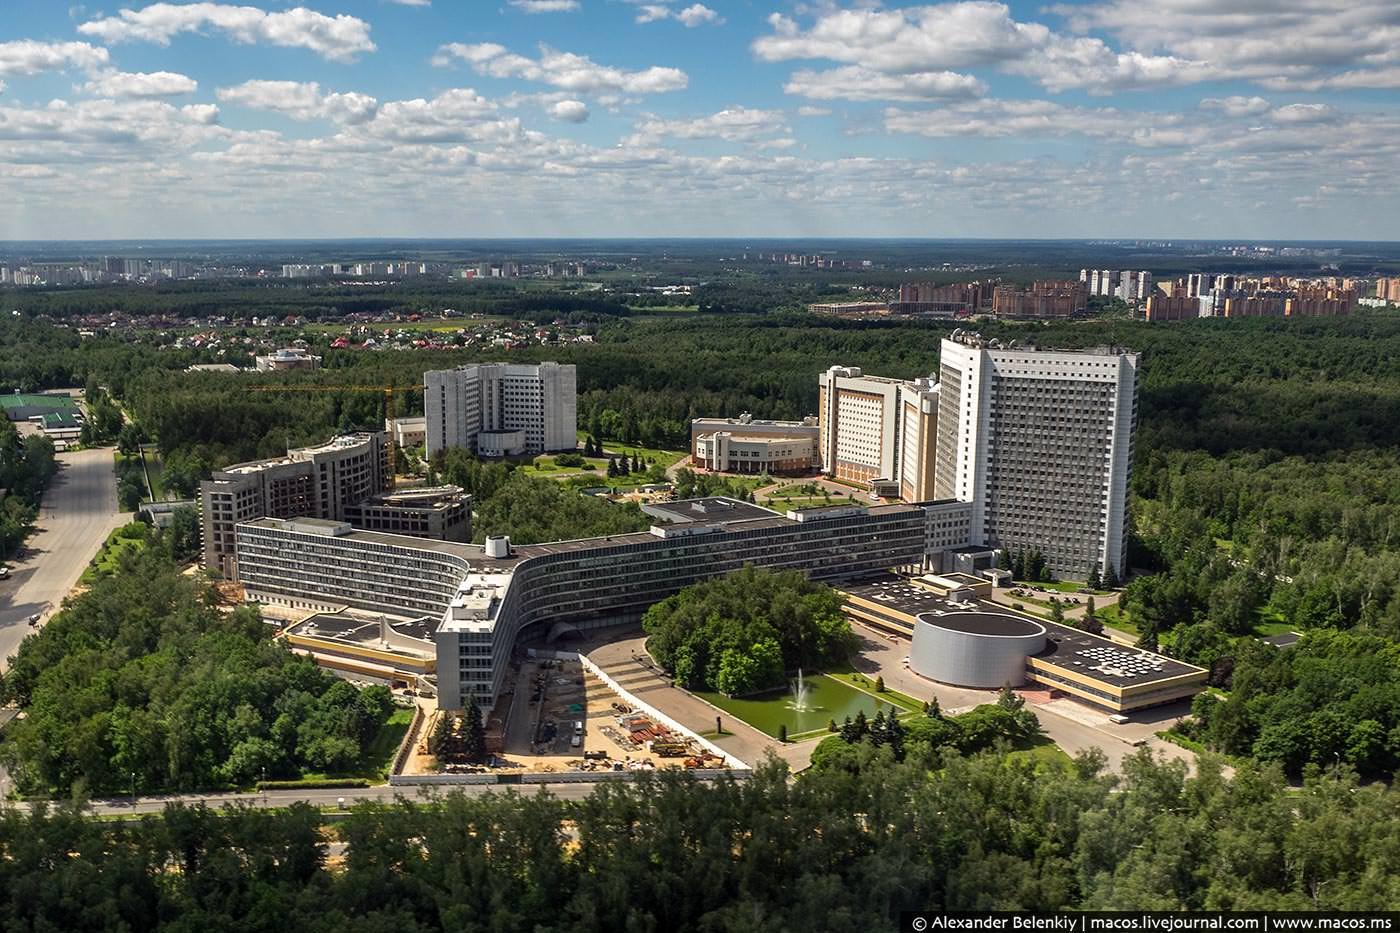 Rysslands militära utrikesunderrättelsetjänst